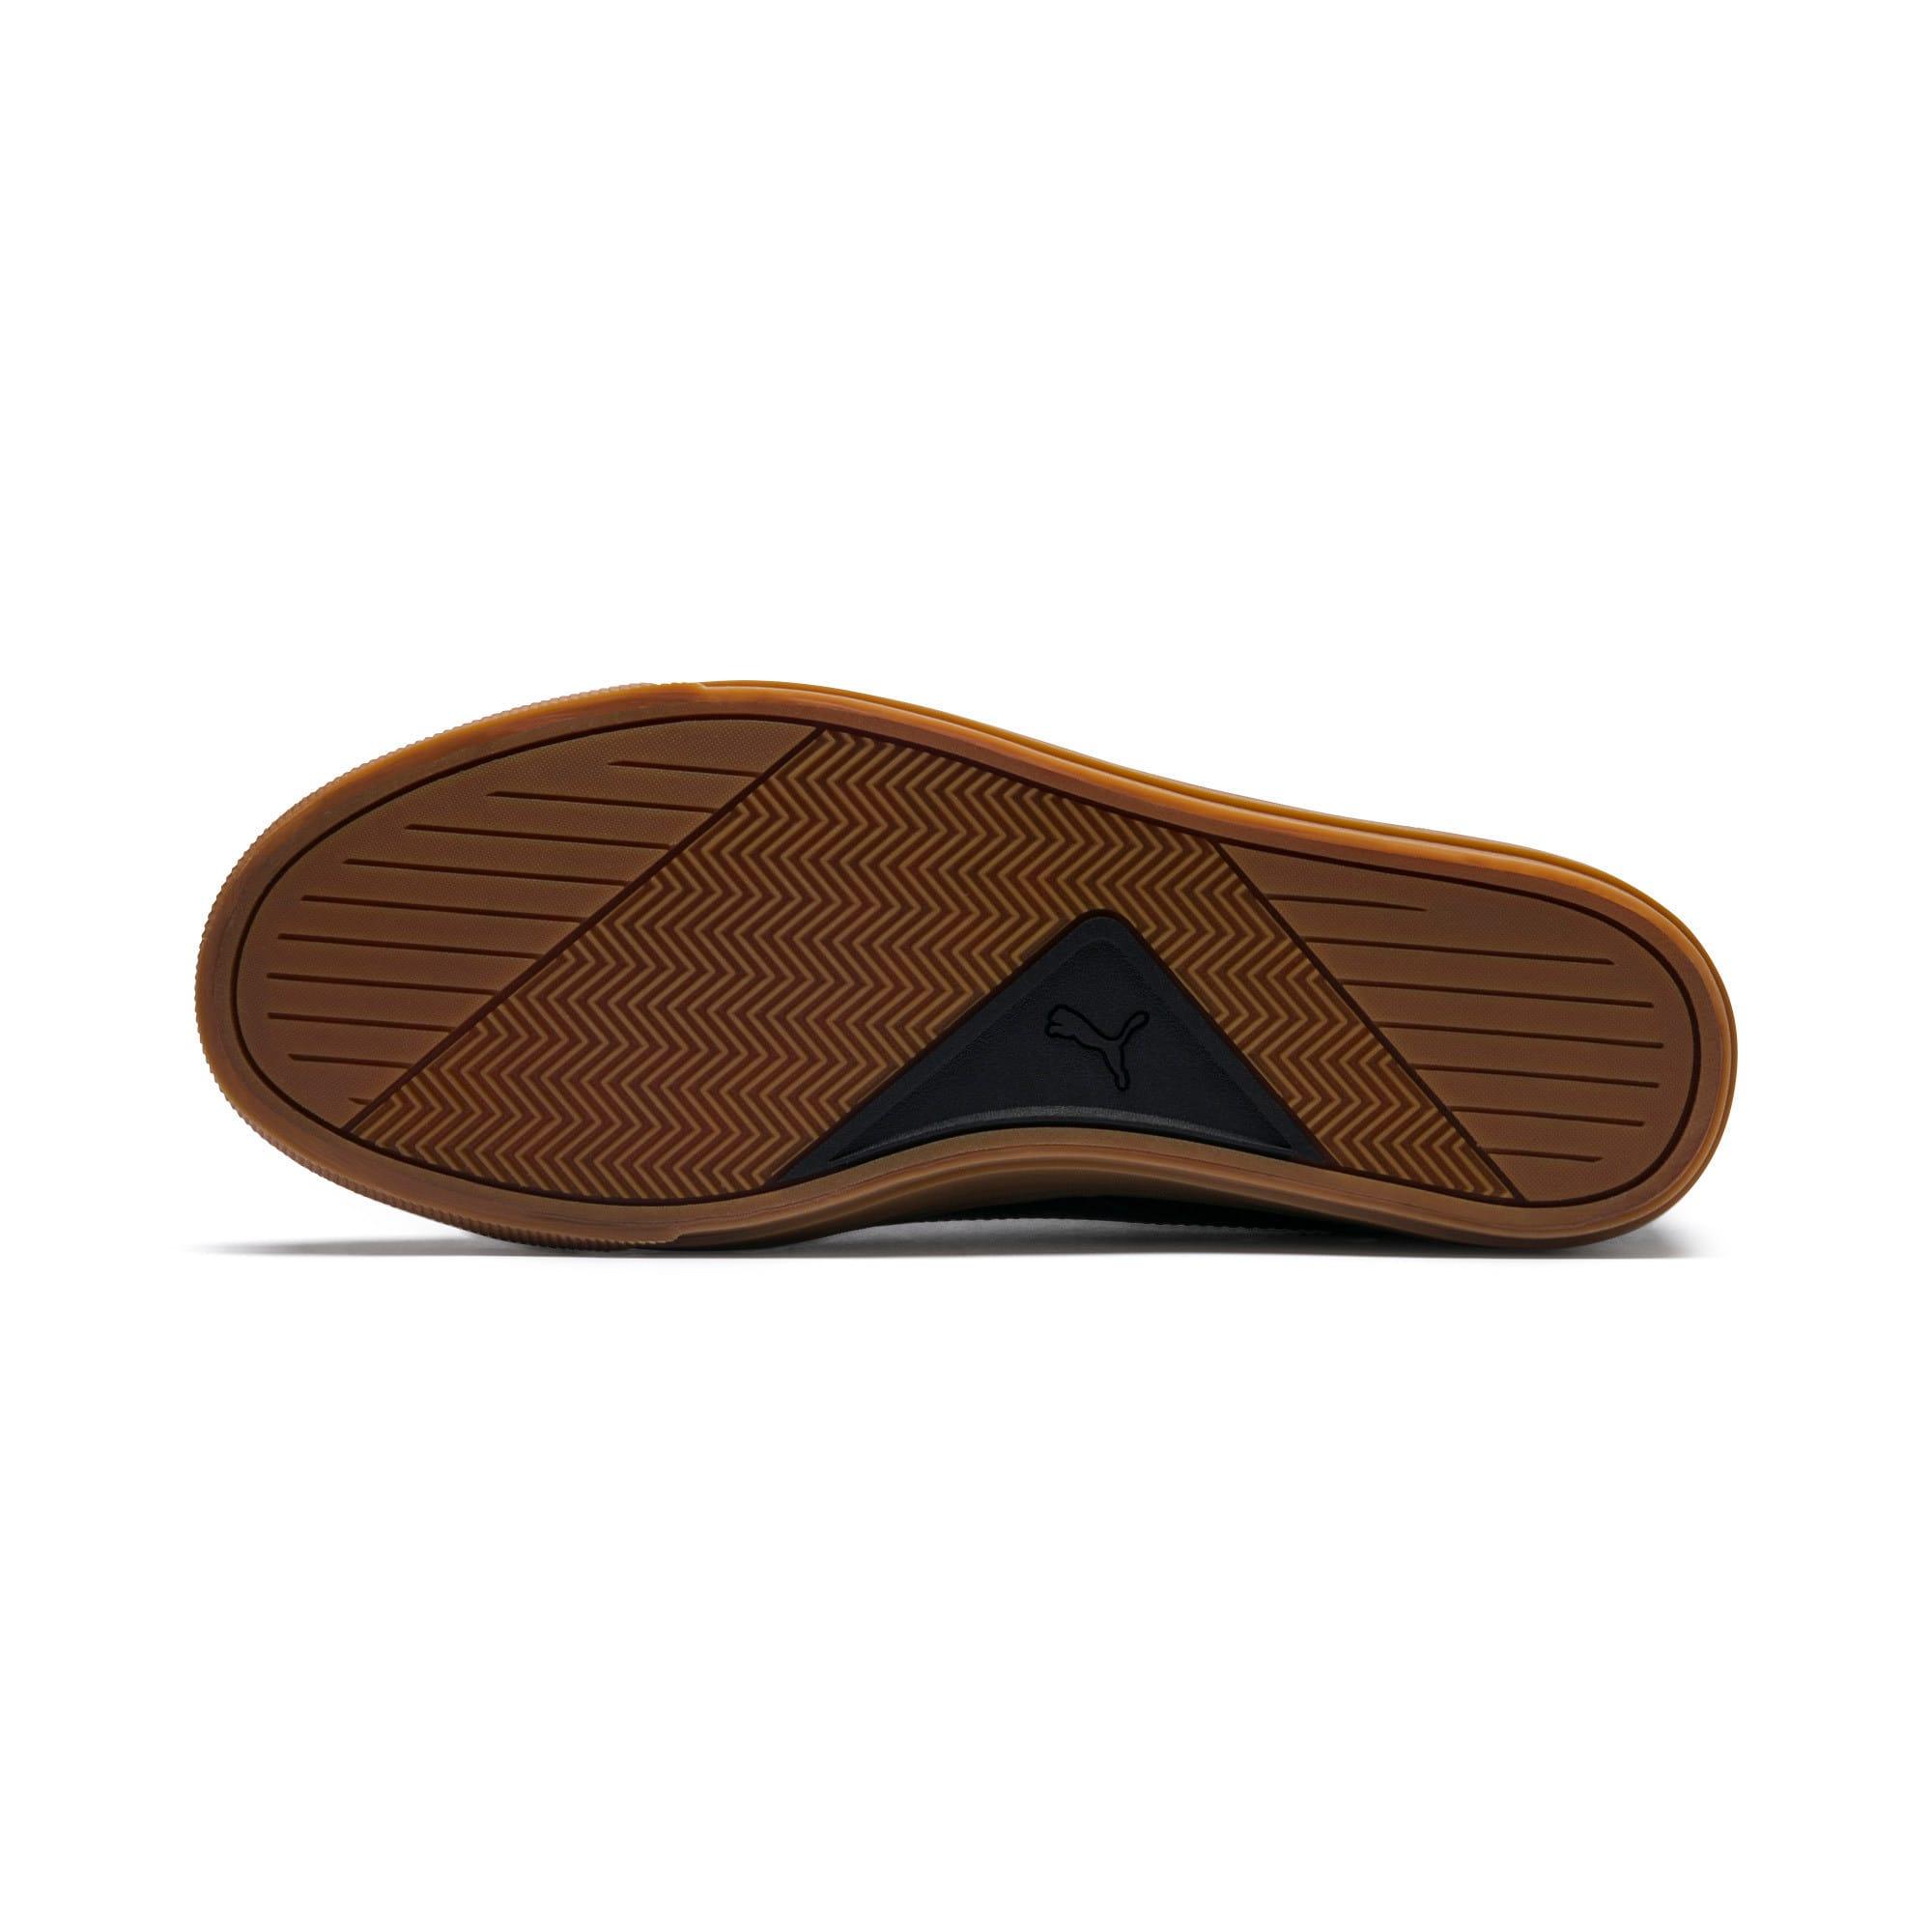 Thumbnail 6 of Capri Leather Trainers, Puma Black-Gum-Gum, medium-IND